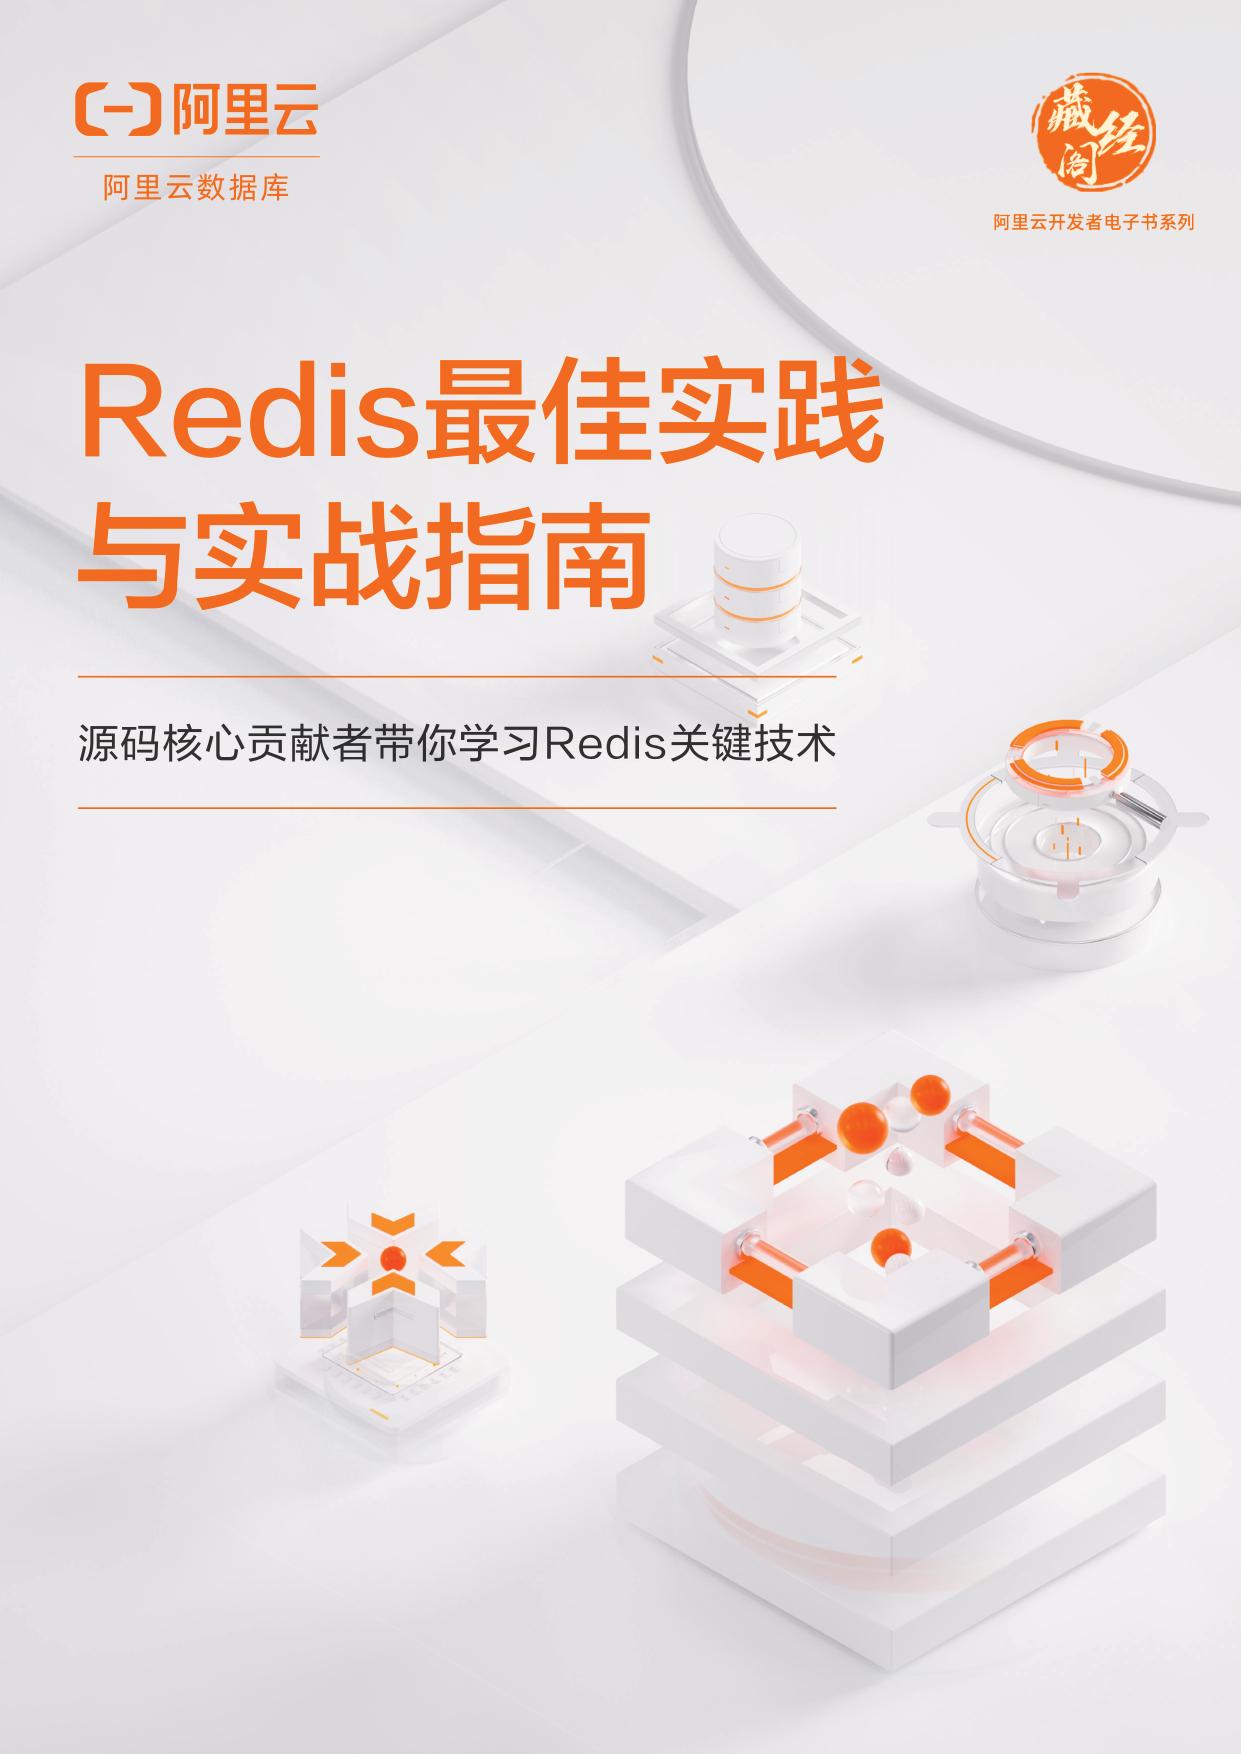 重磅下载 | Redis最佳实践与实战指南 源代码核心贡献者带你学习Redis关键技术